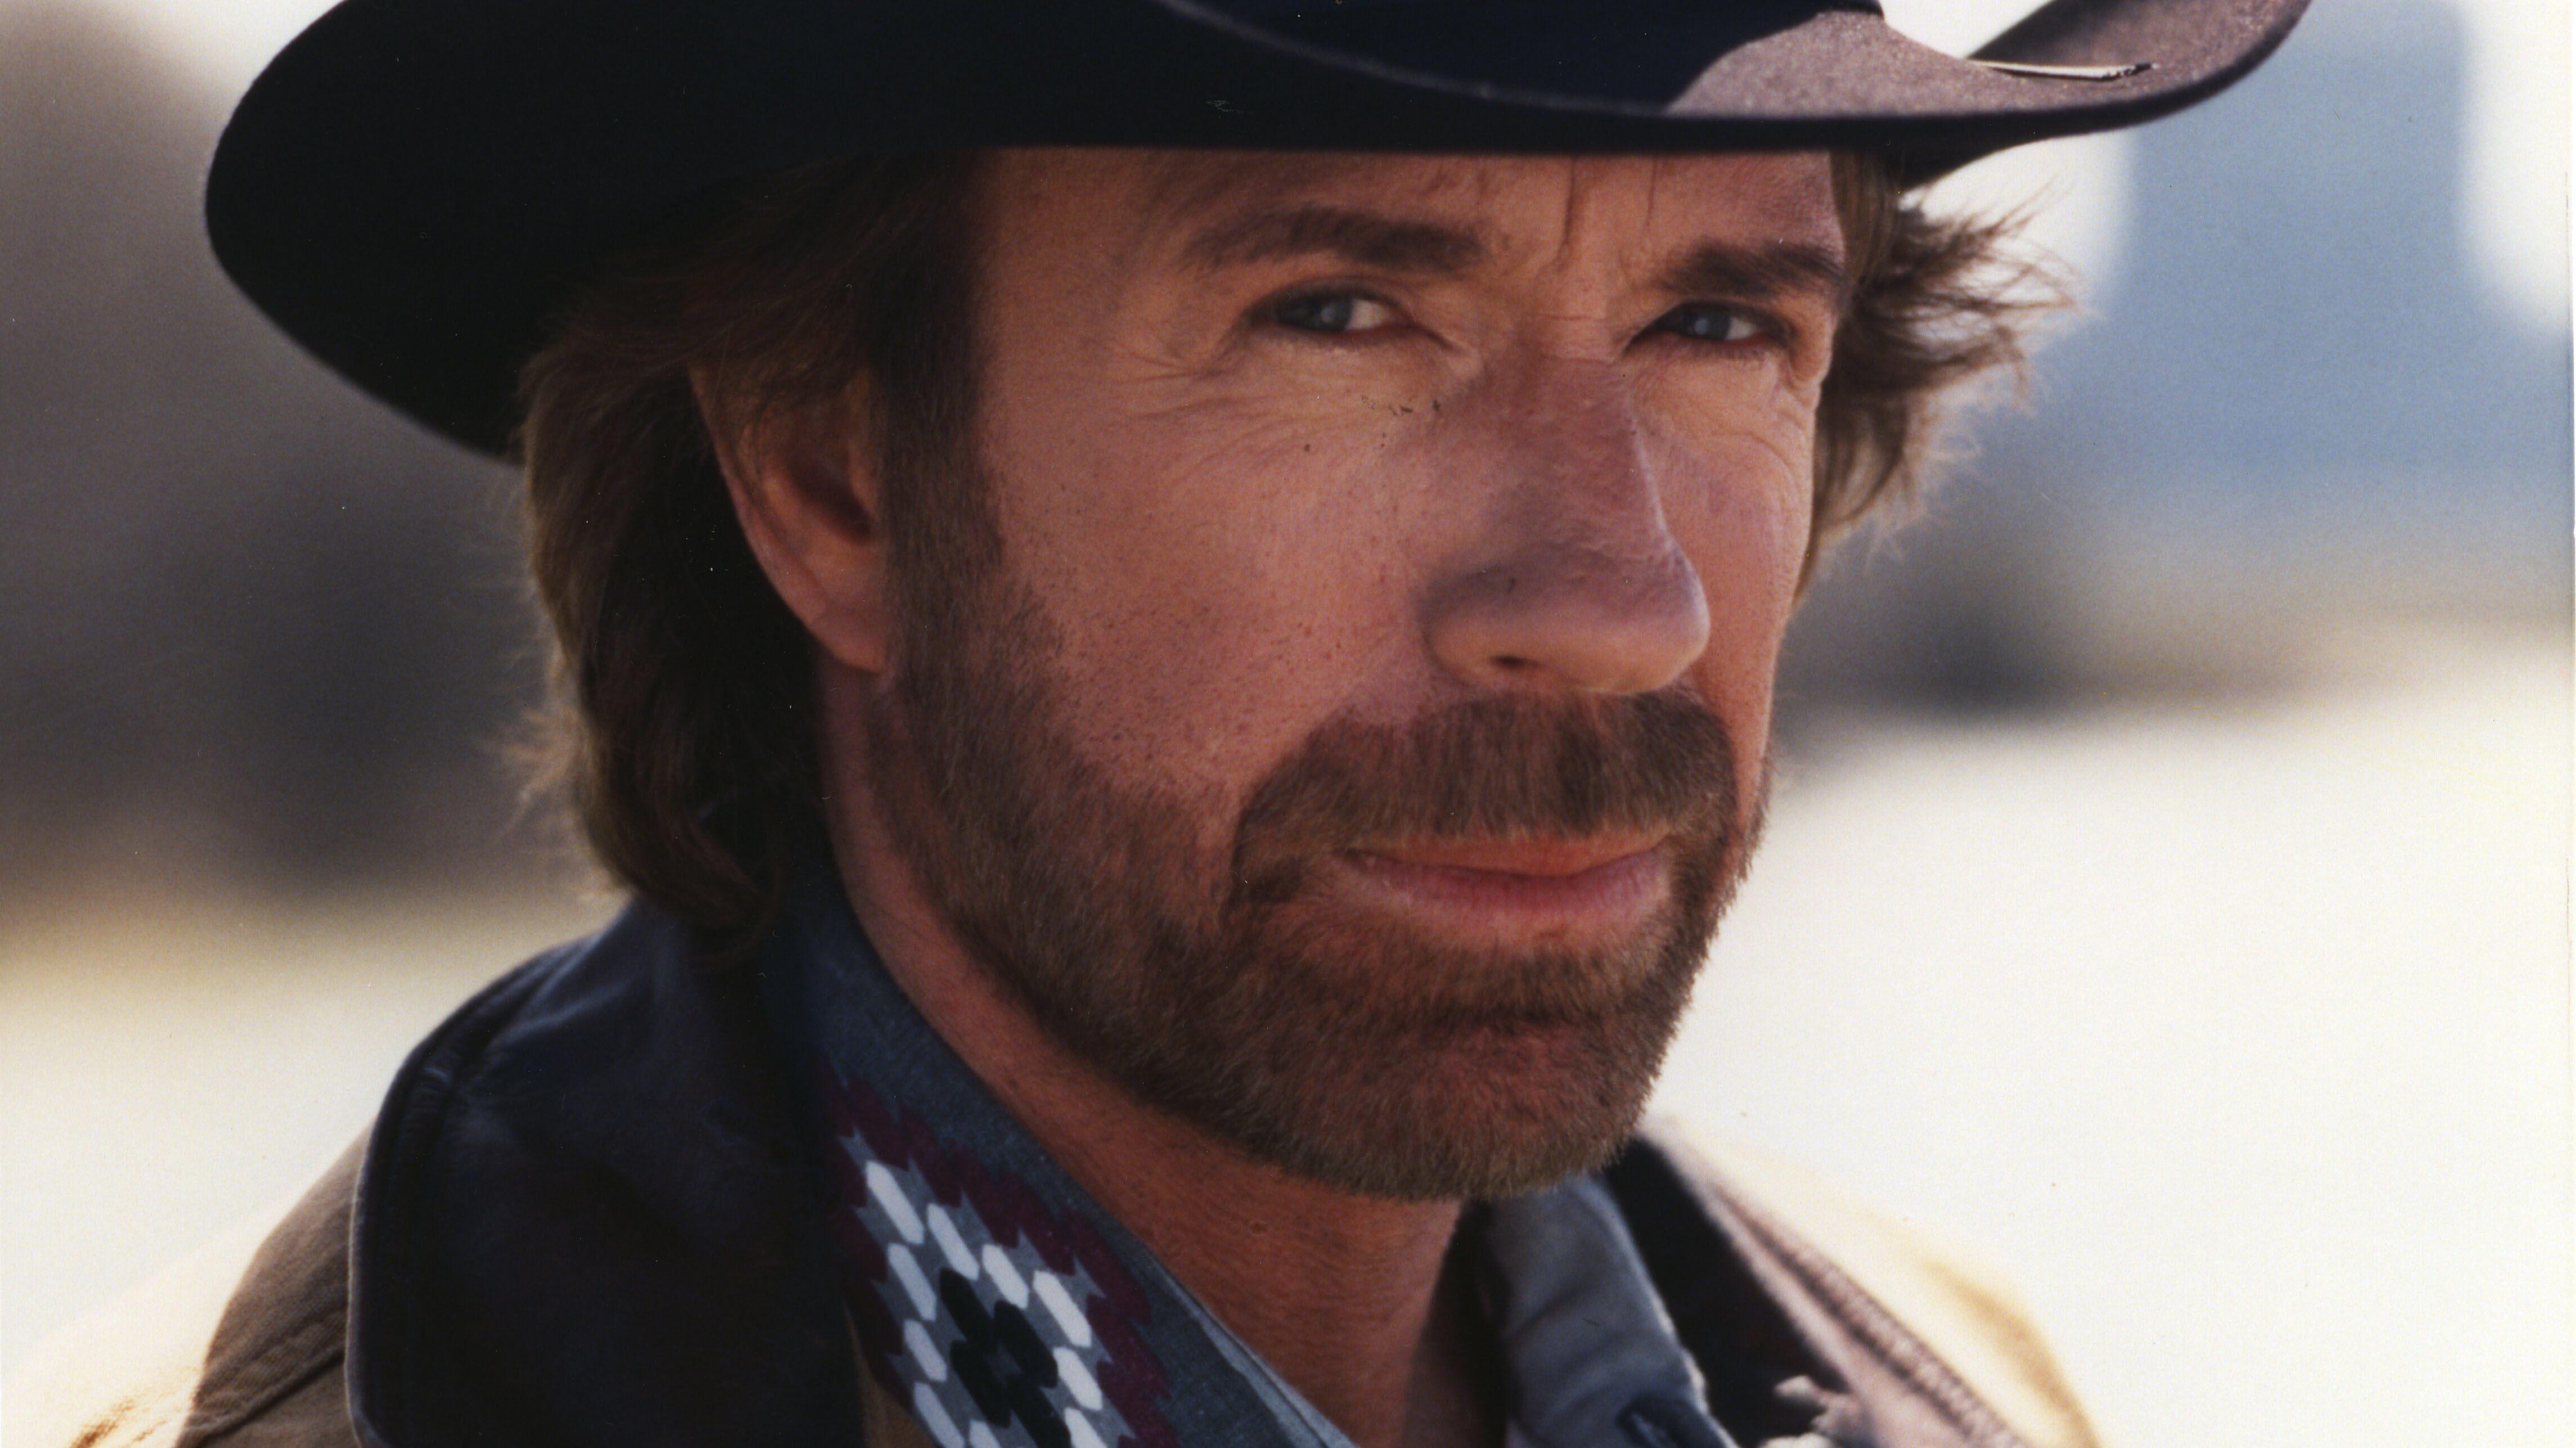 Chuck Norris, mit Vollbart und Cowboyhut, blickt stahlhart in die Kamera